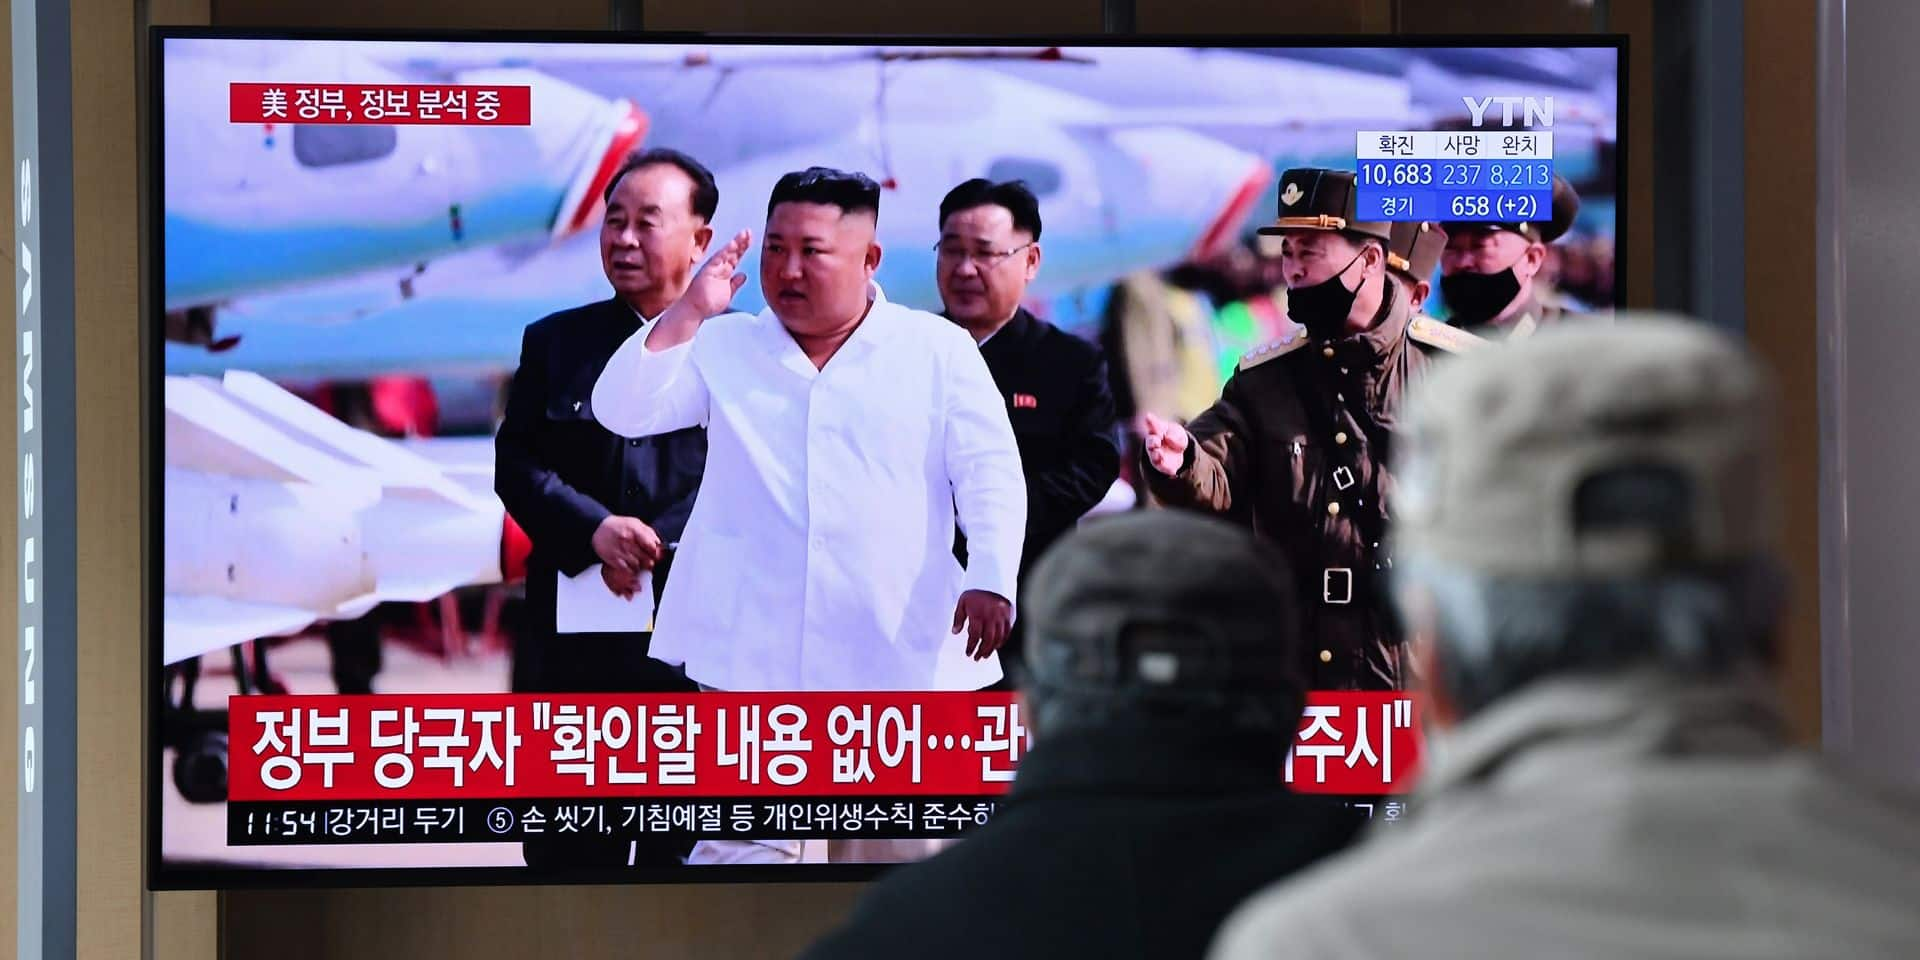 Suspecté d'être dans un état grave, Kim Jong-Un a donné signe de vie